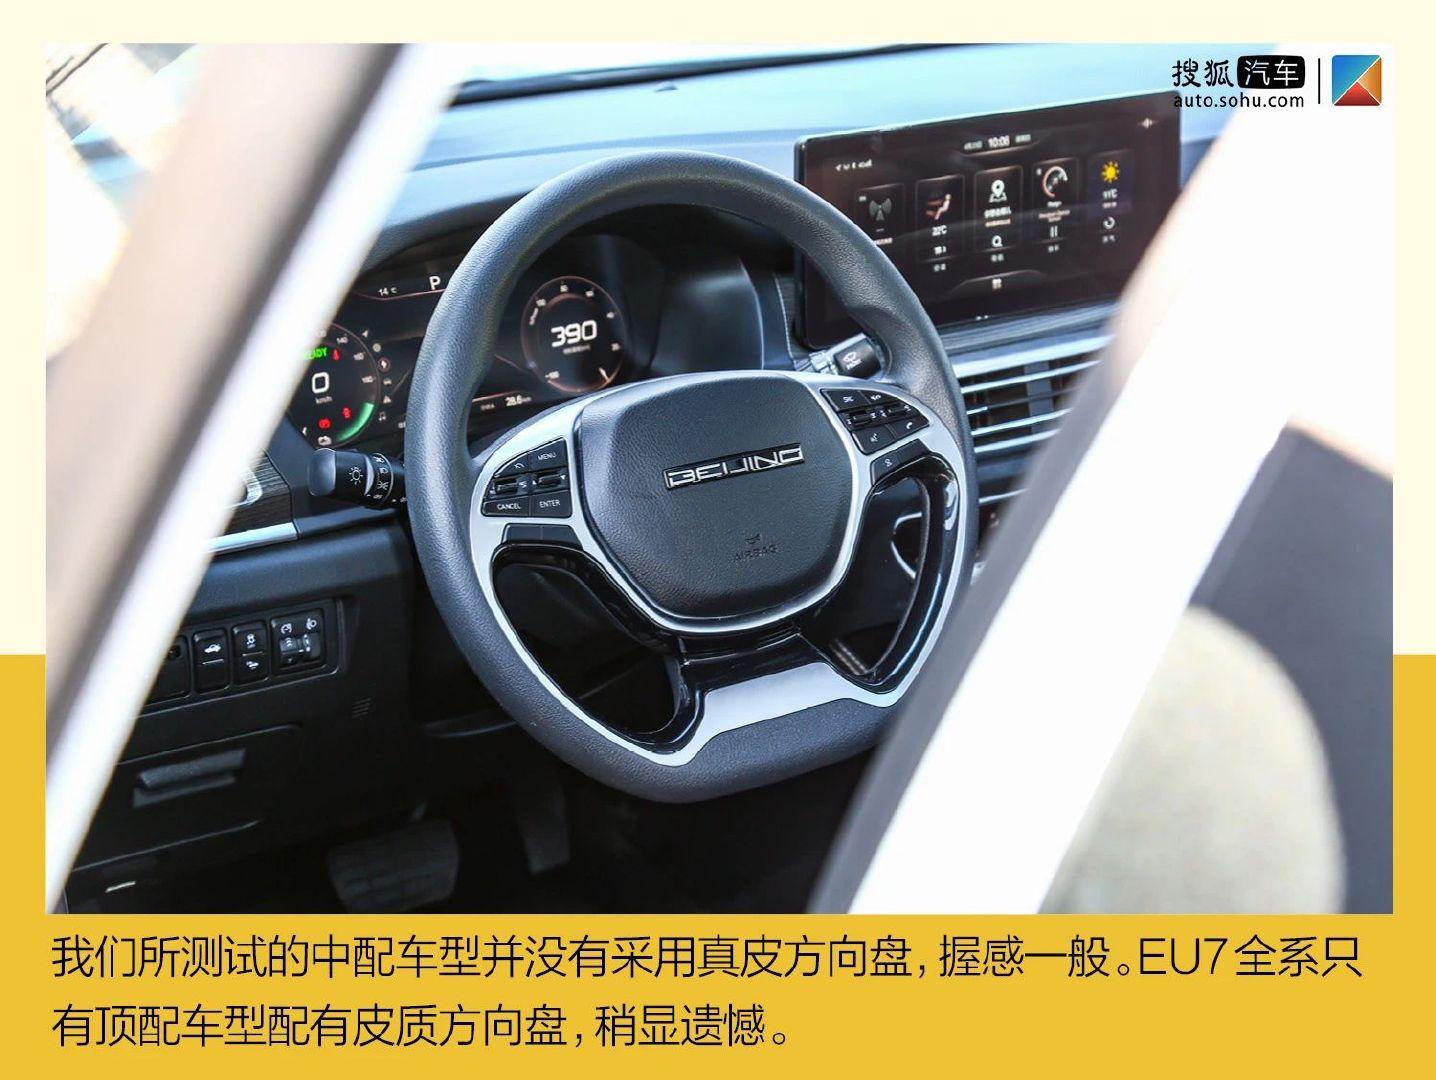 15万起售的中型纯电动车靠谱吗? 深度测试BEIJING-EU7